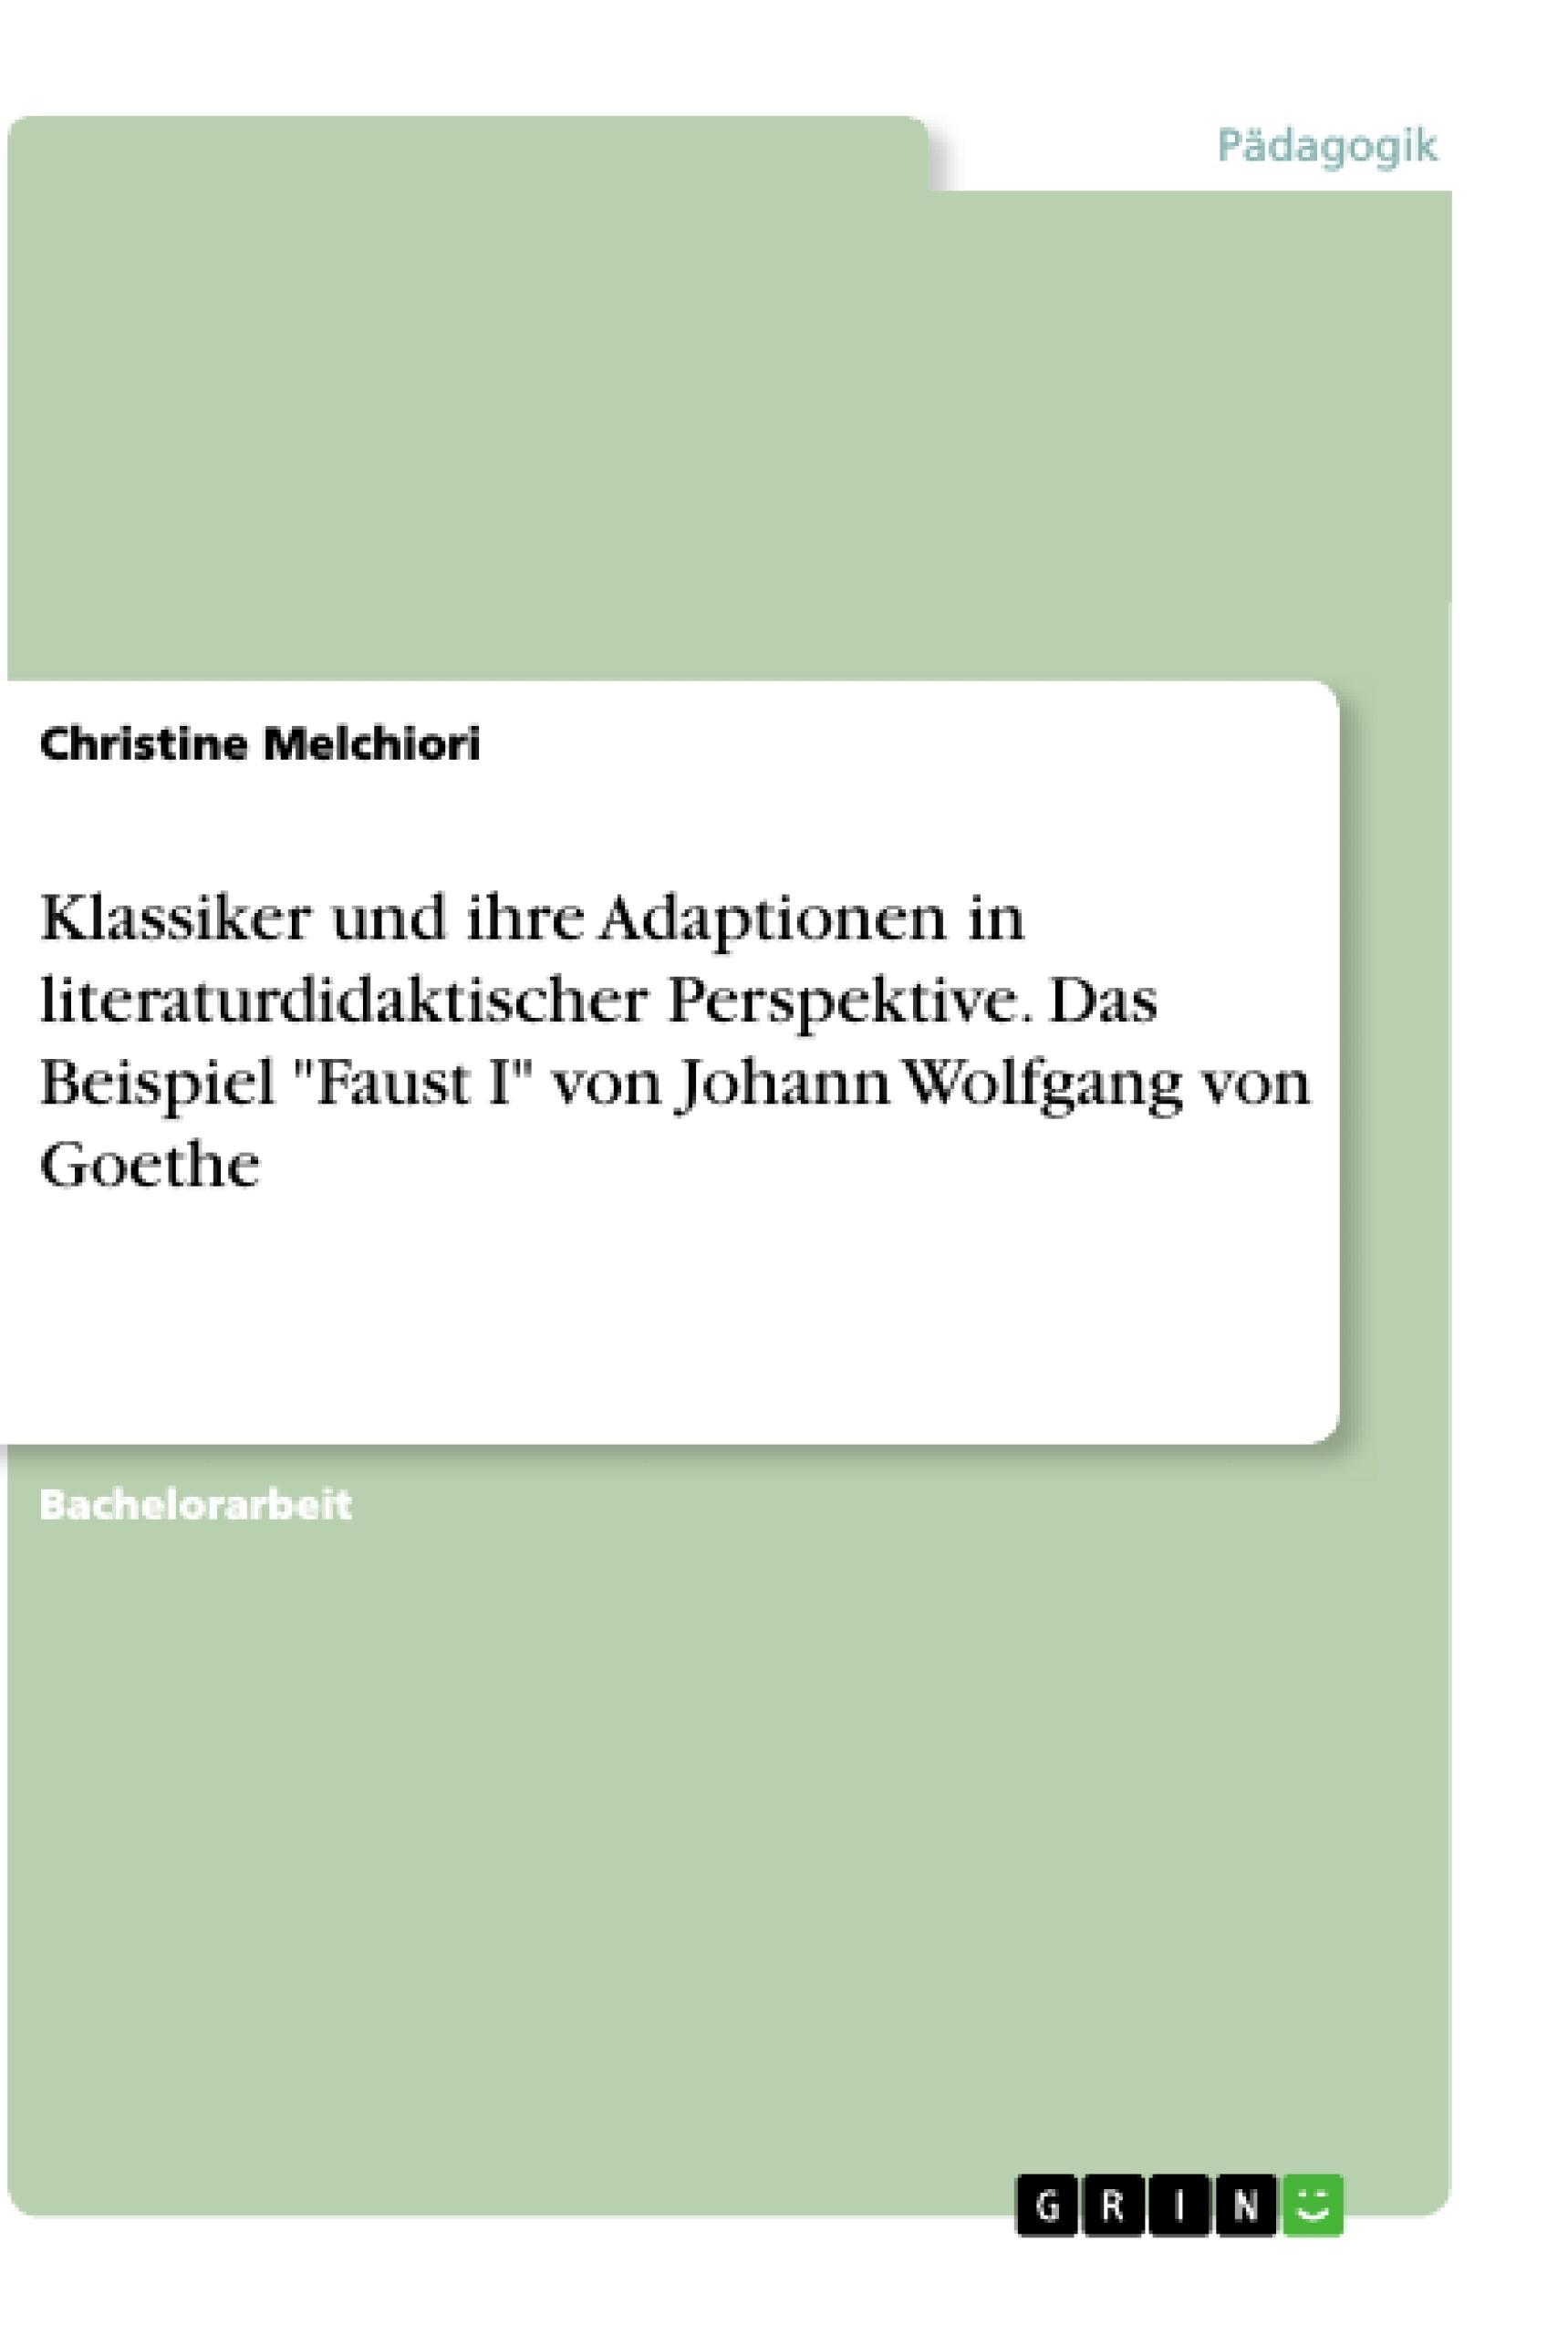 """Titel: Klassiker und ihre Adaptionen in literaturdidaktischer Perspektive. Das Beispiel """"Faust I"""" von Johann Wolfgang von Goethe"""